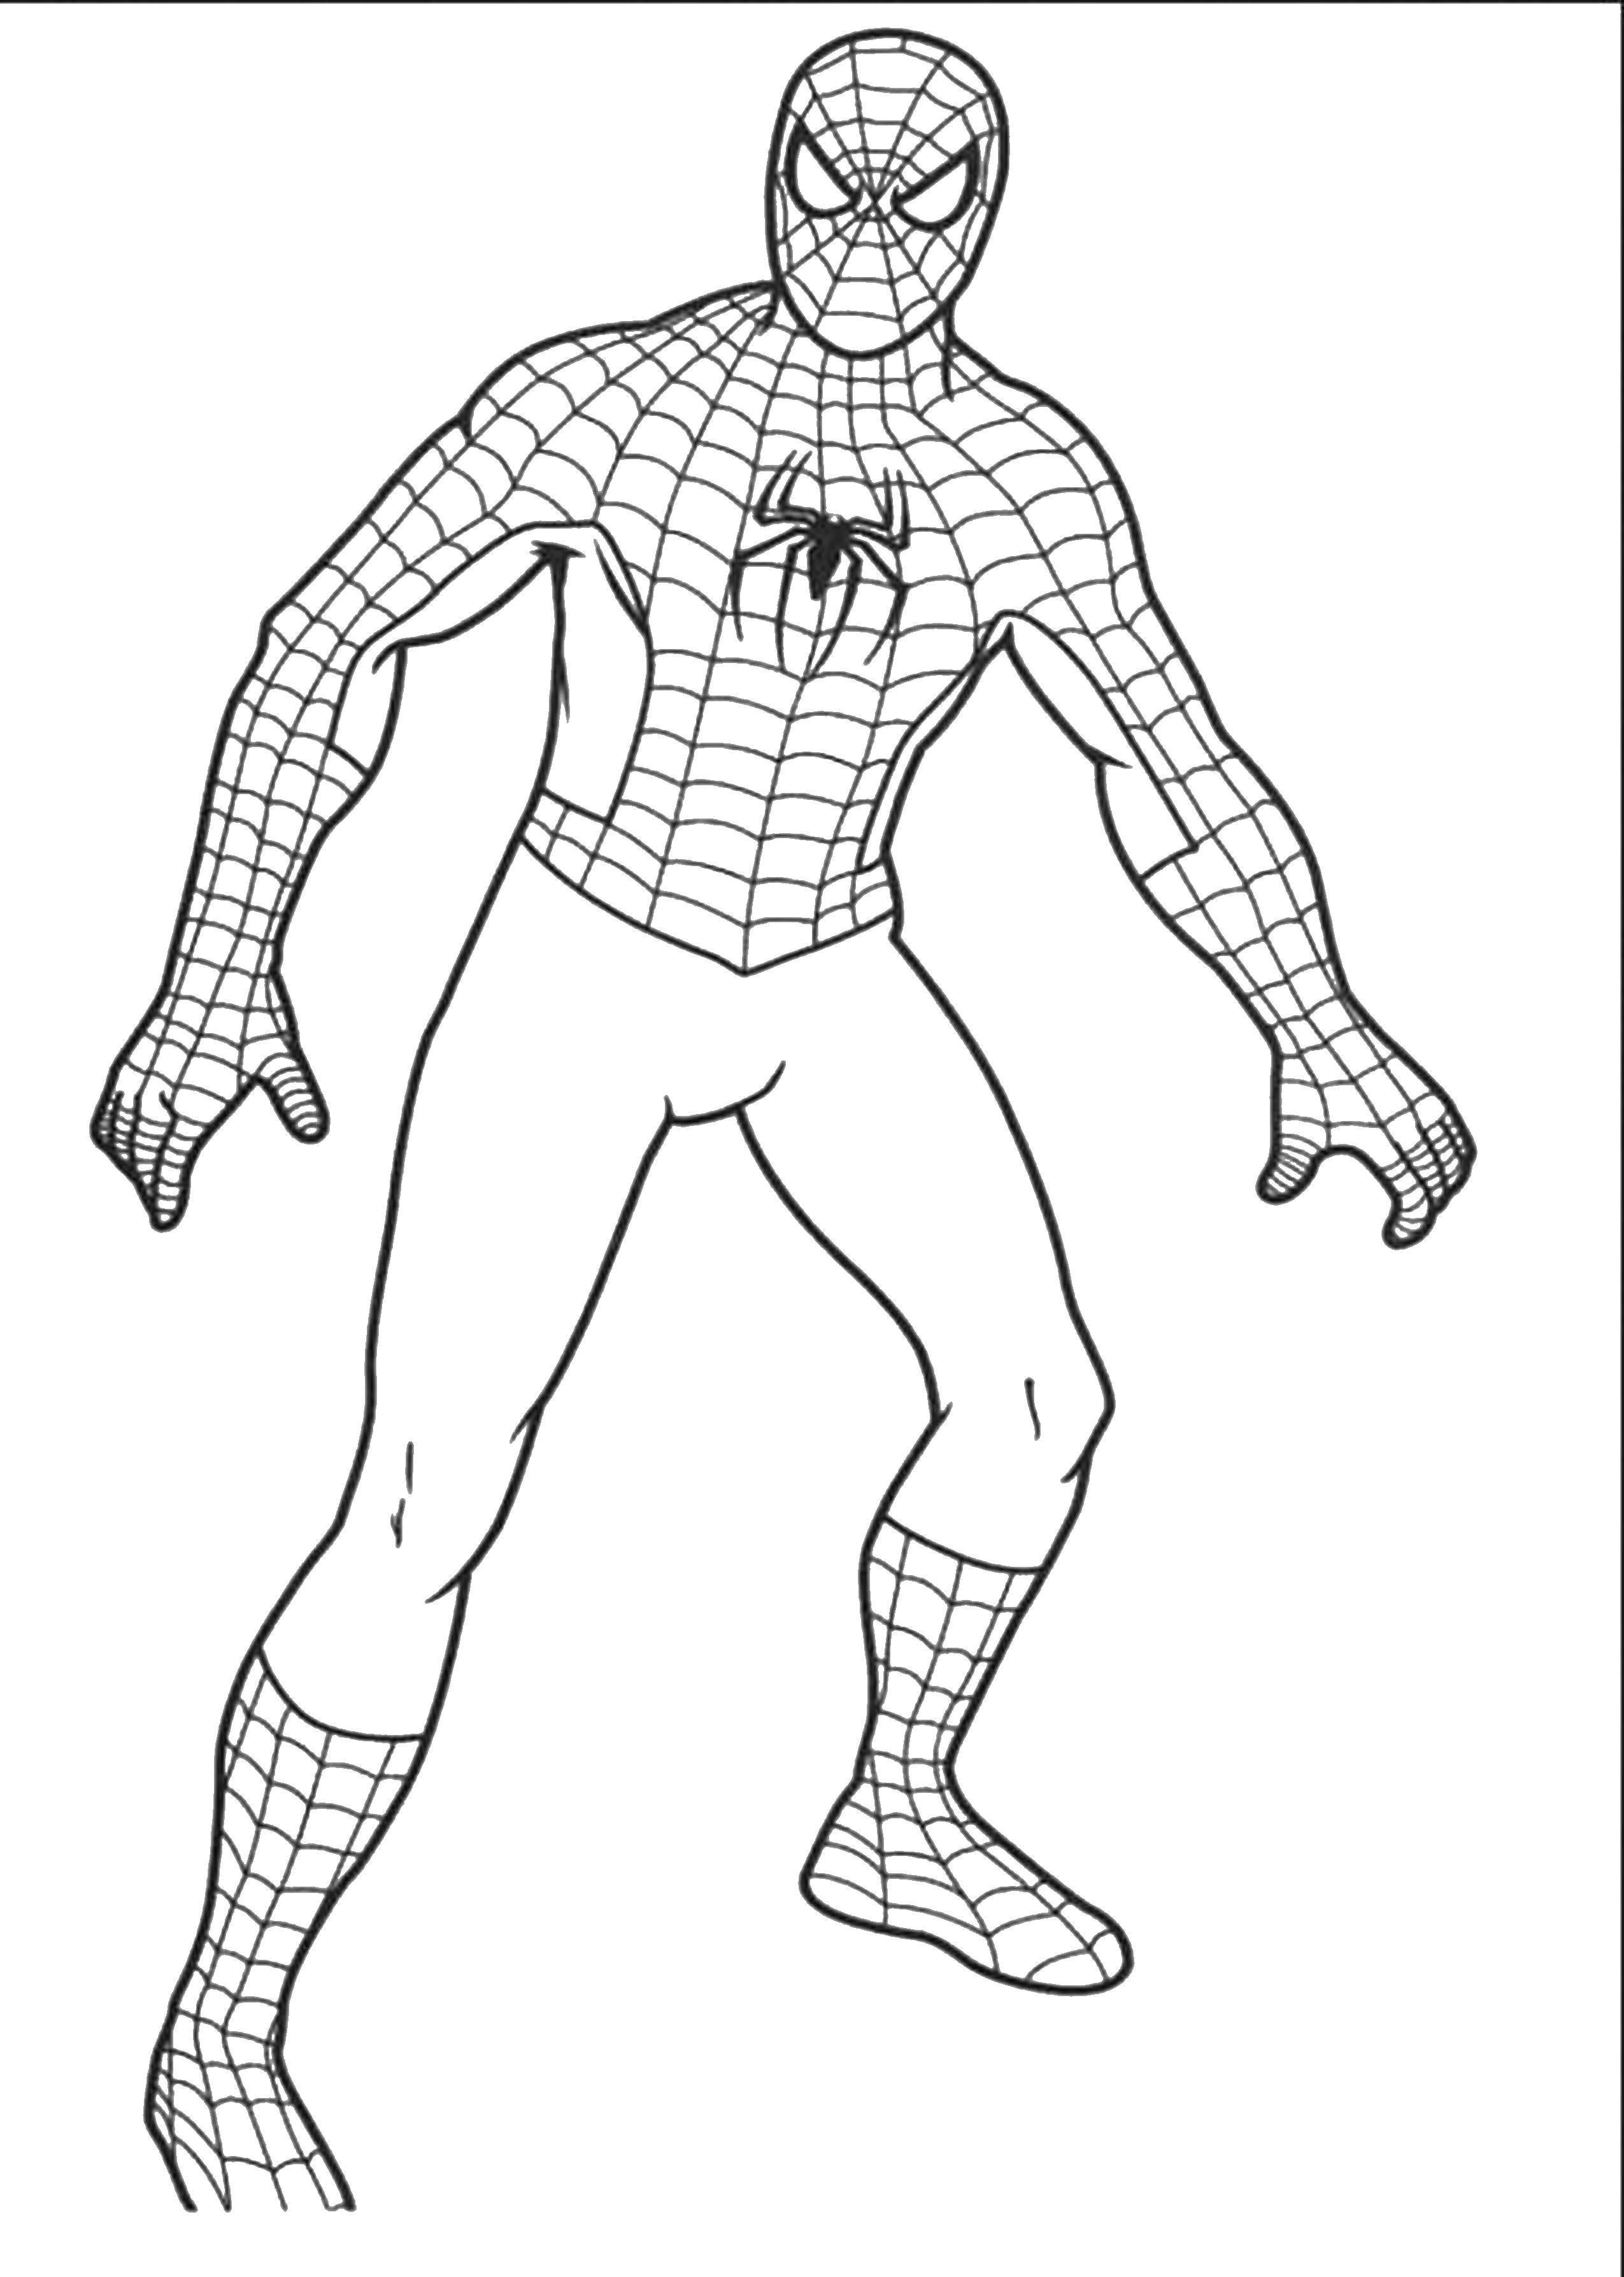 Раскраска Человек паук Скачать человек паук, спайдермен, фильм, мультфильм.  Распечатать ,человек паук,